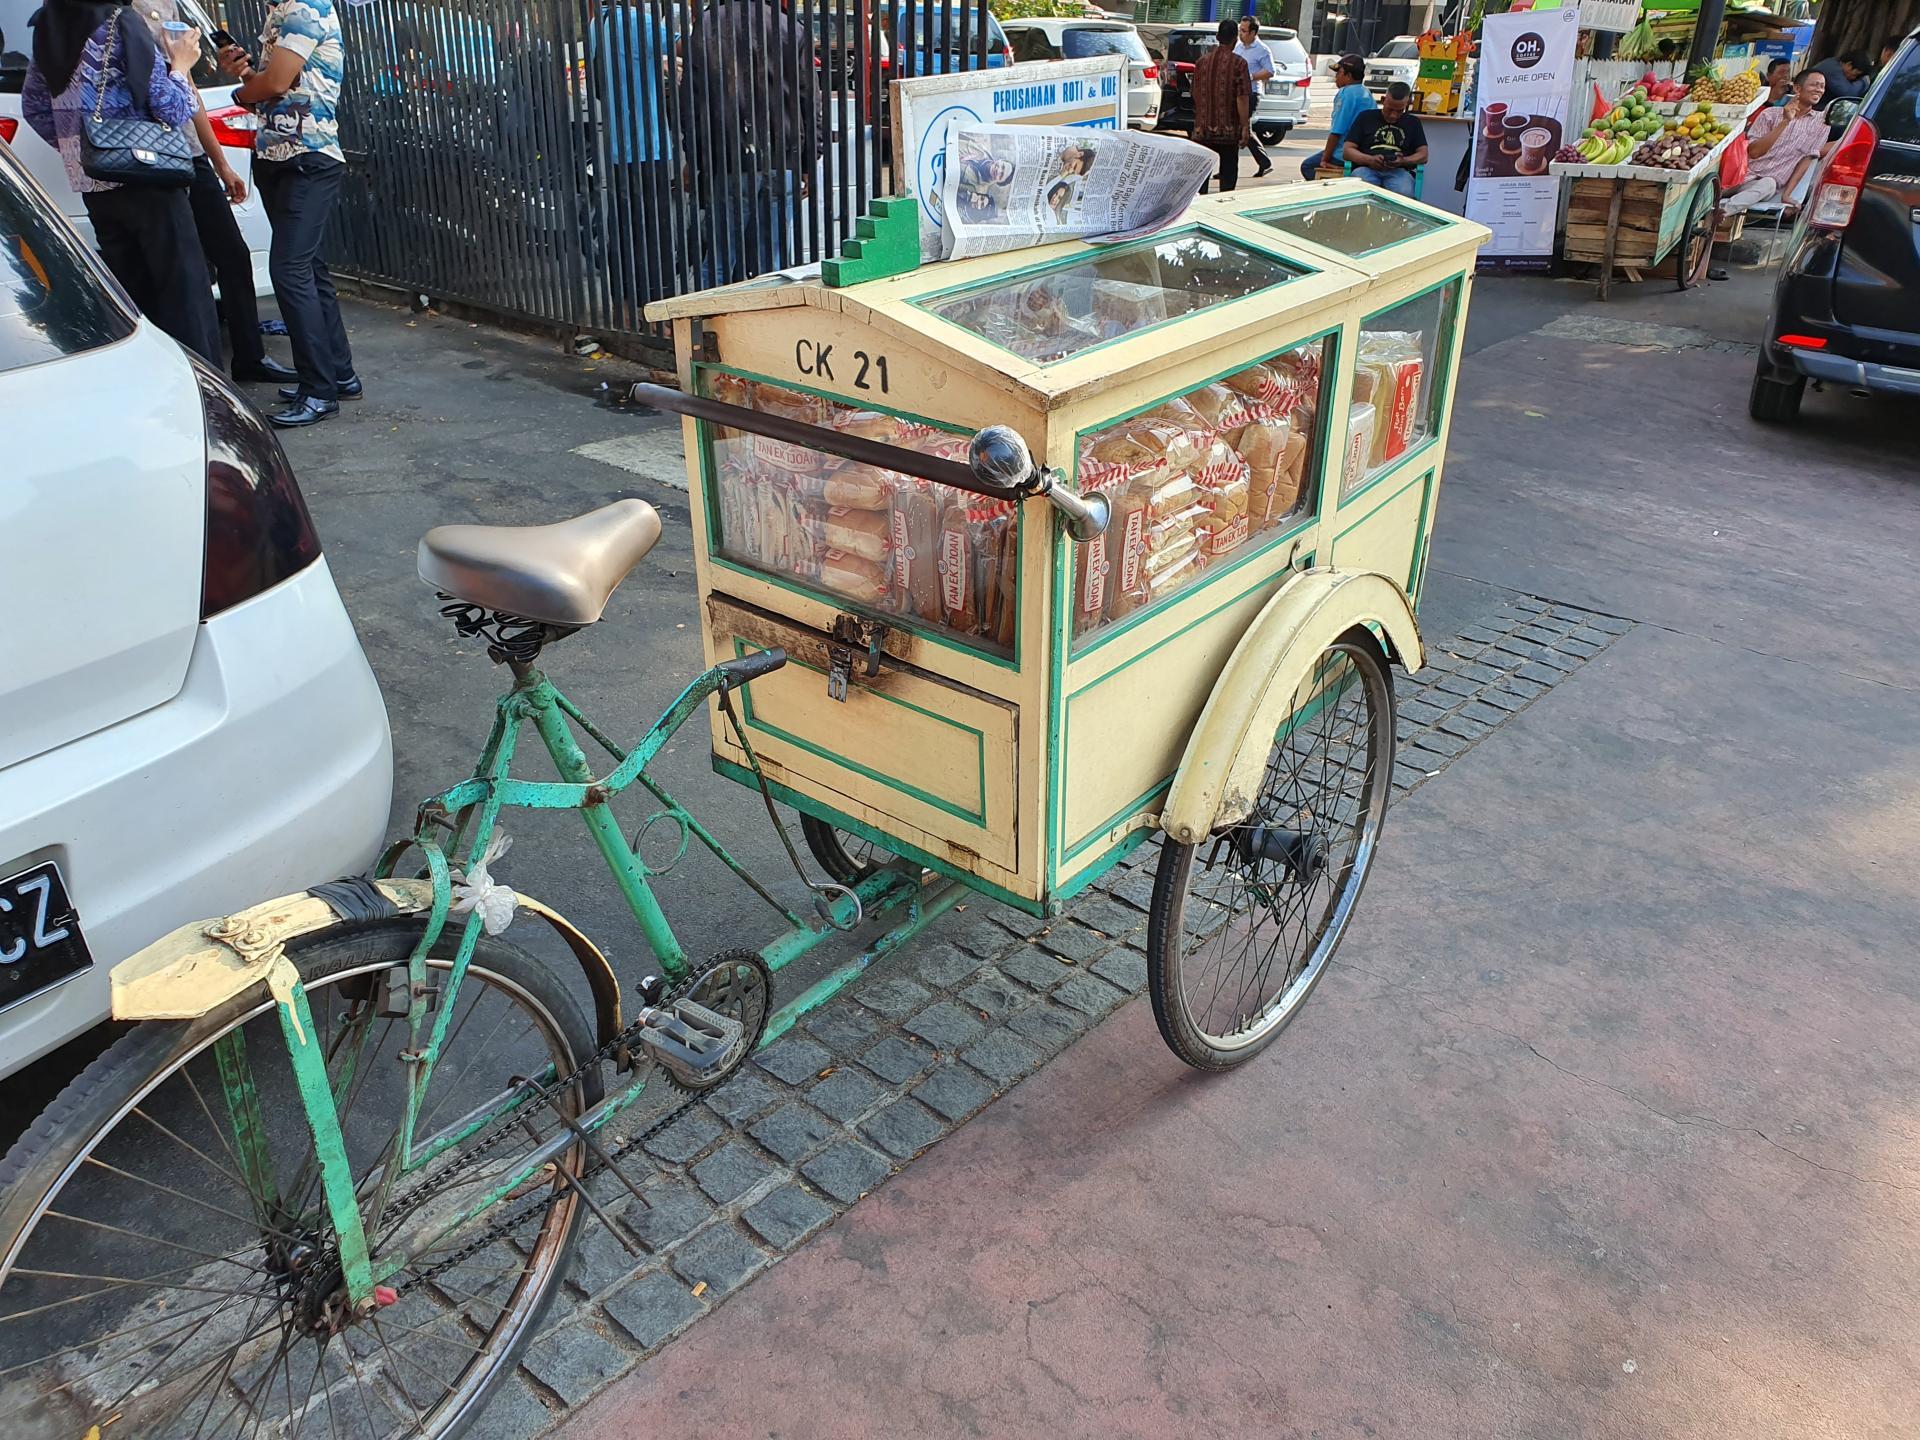 велотележка с продуктами в Джакарте